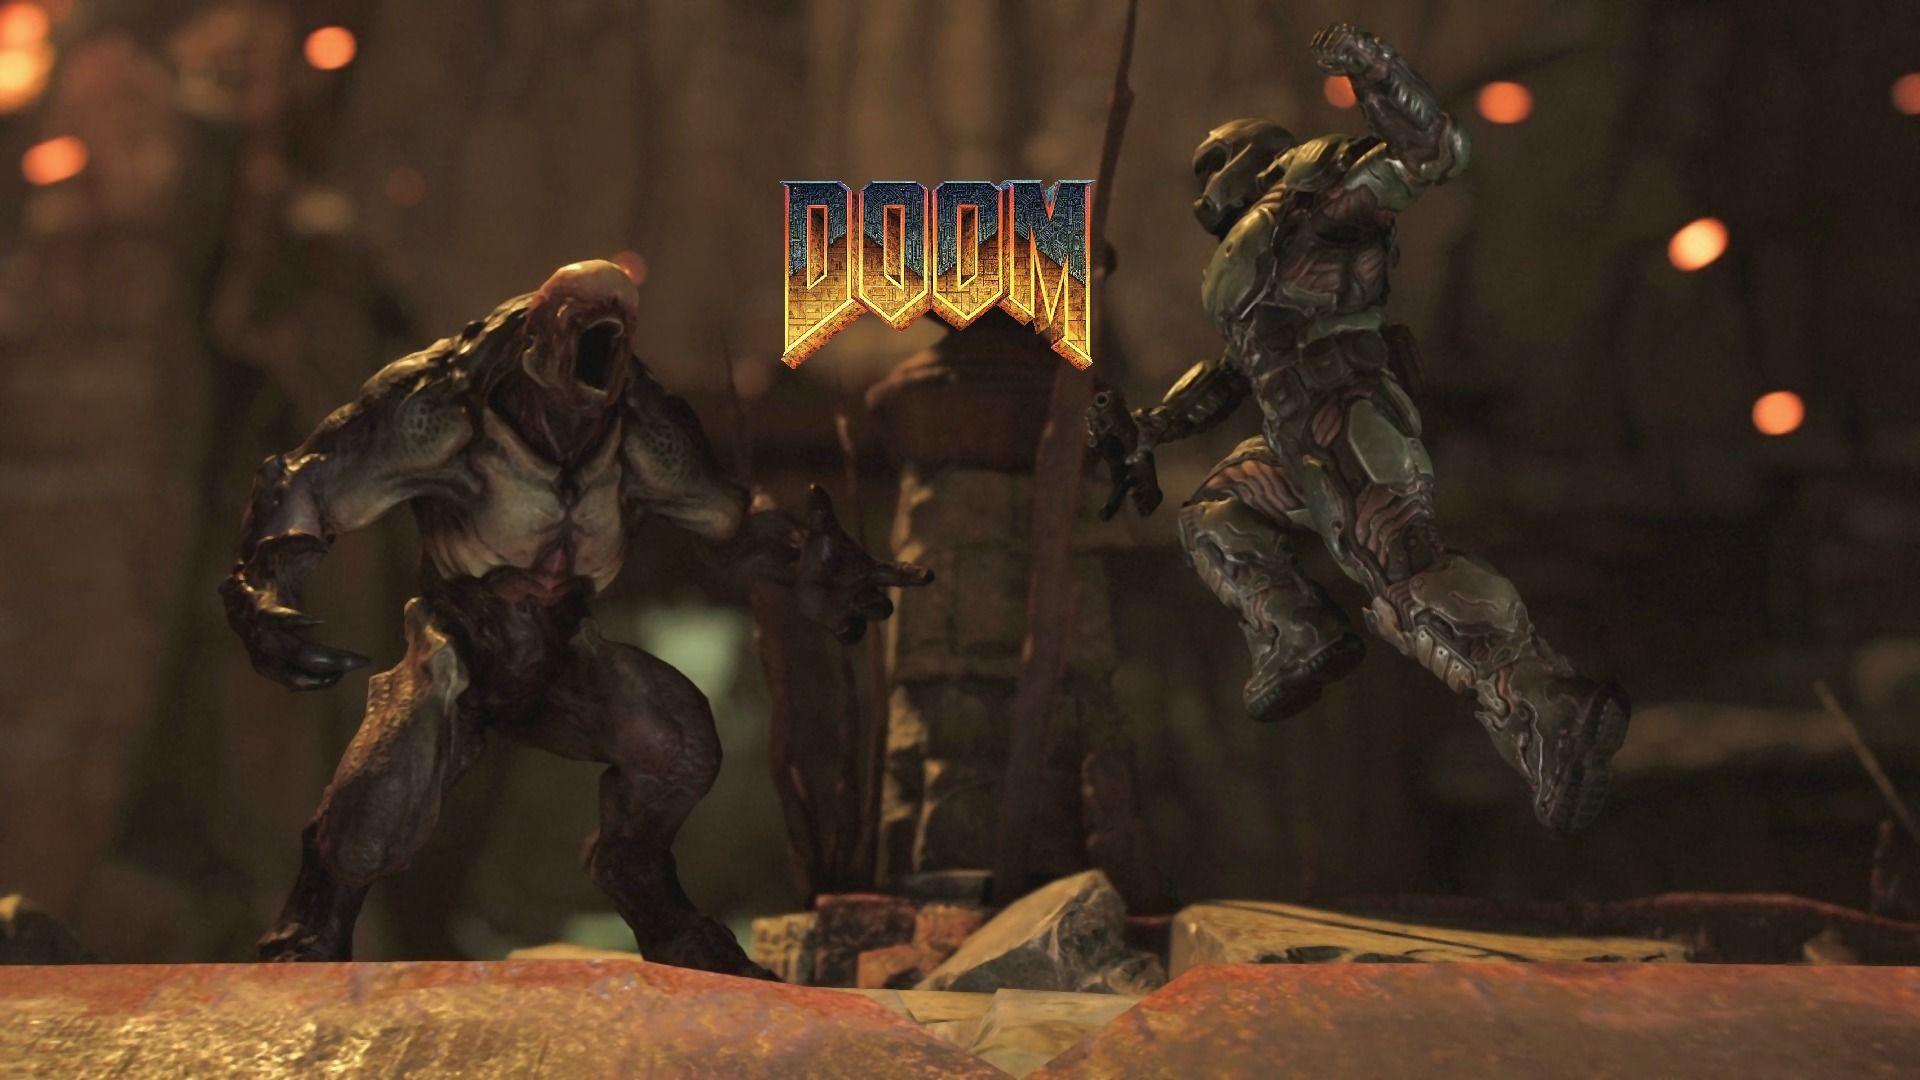 Pin By Joshua Amilpa On Doom Doom Slayer Doom 2